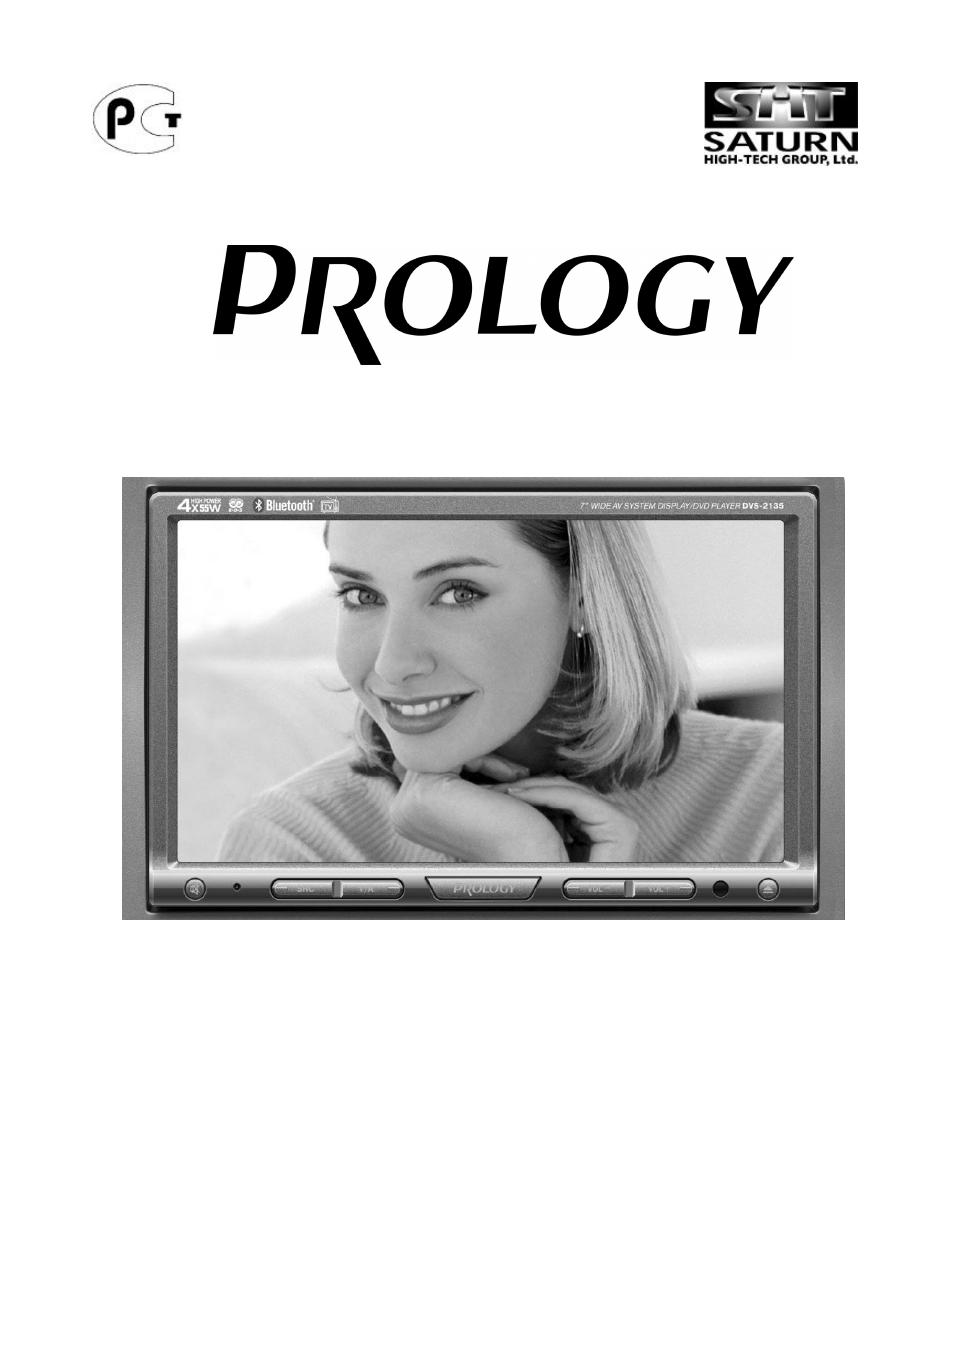 Prology Dvs 2135 инструкция - картинка 4